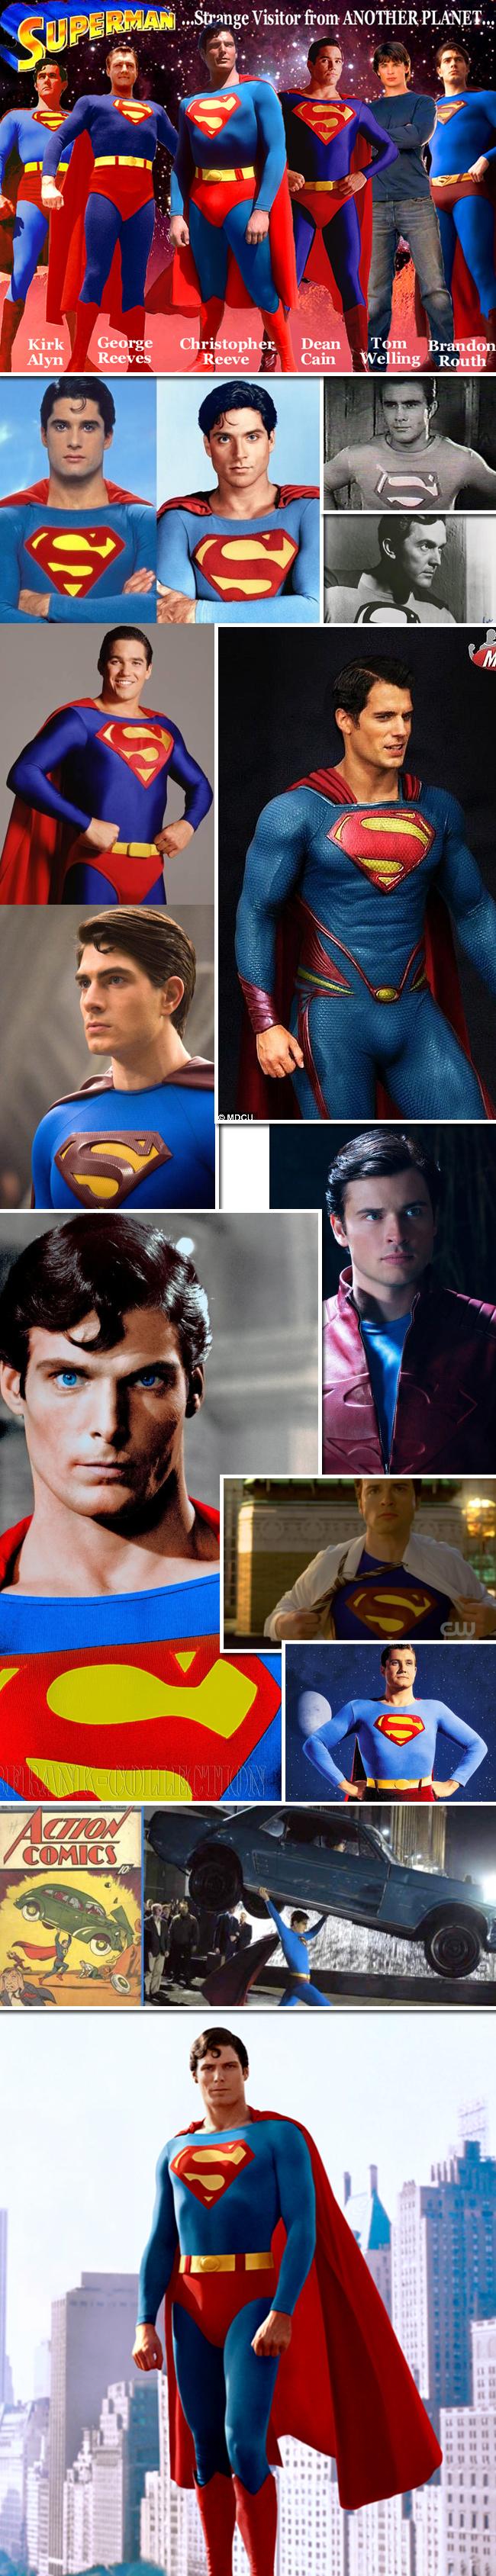 Superman trajes cine Cristopher Reeve articulo de Carlos Diez desde Academia C10